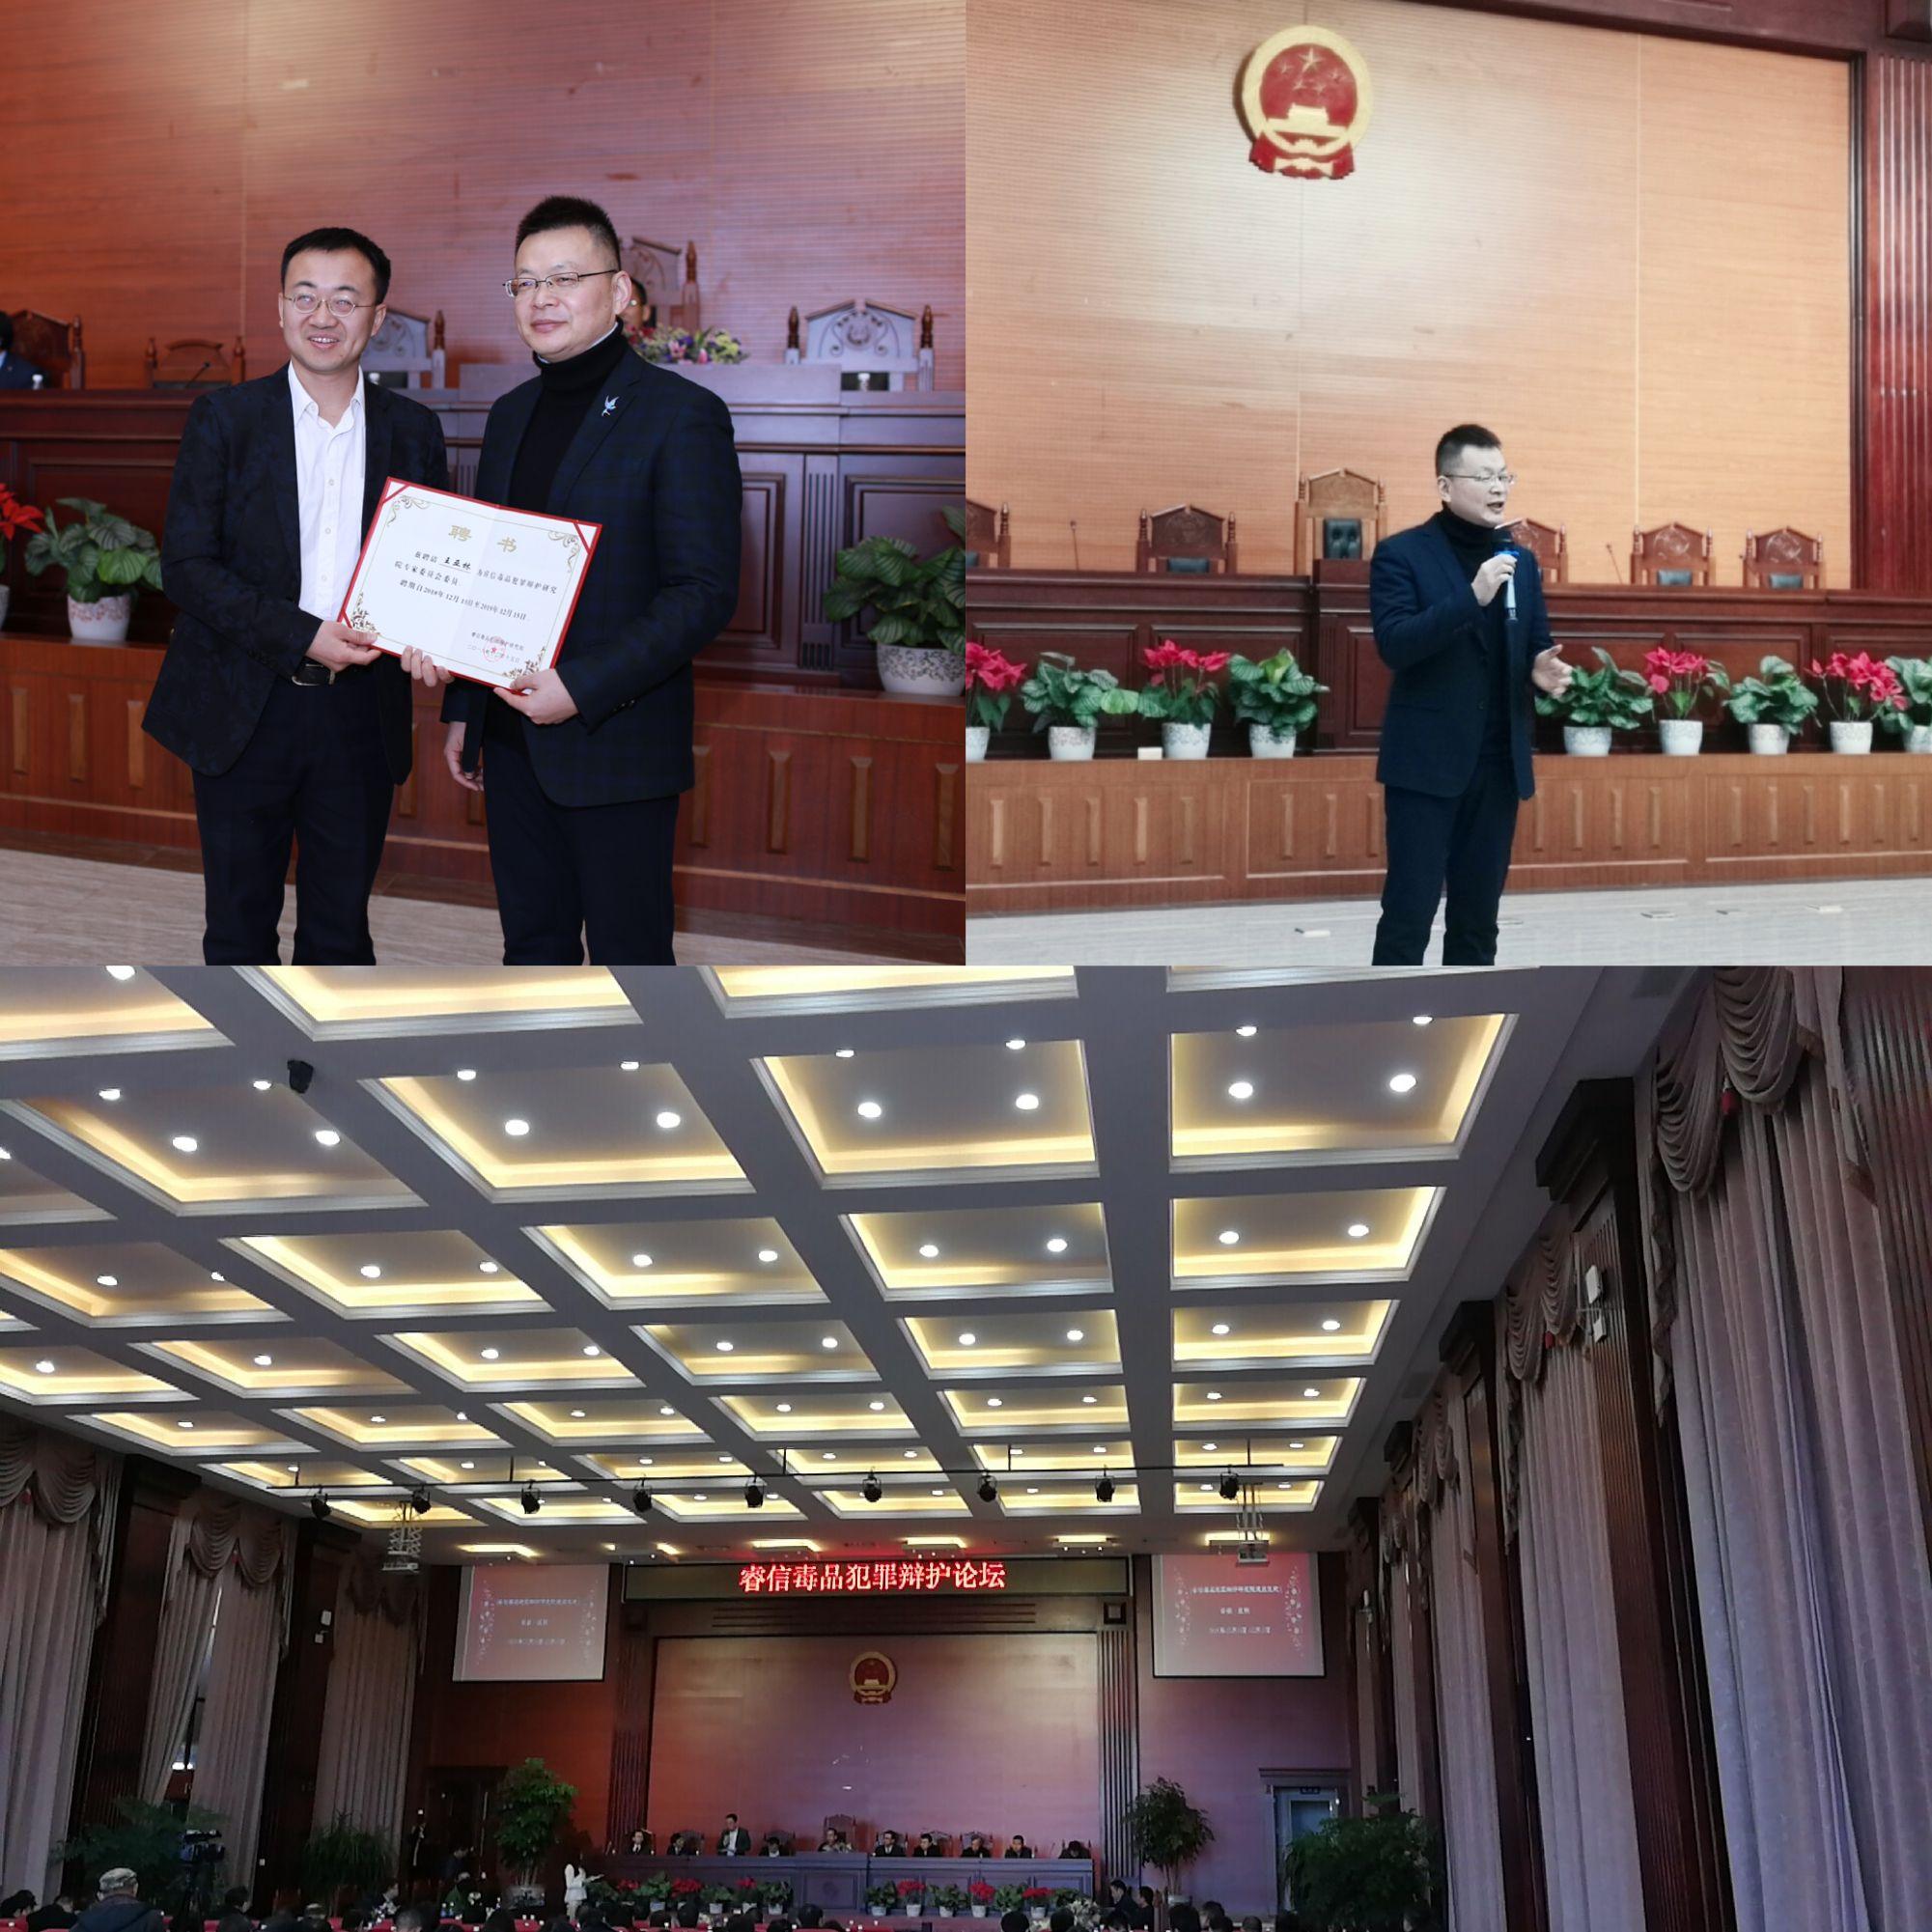 王亚林受聘睿信毒品犯罪辩护研究院专家委员会委员